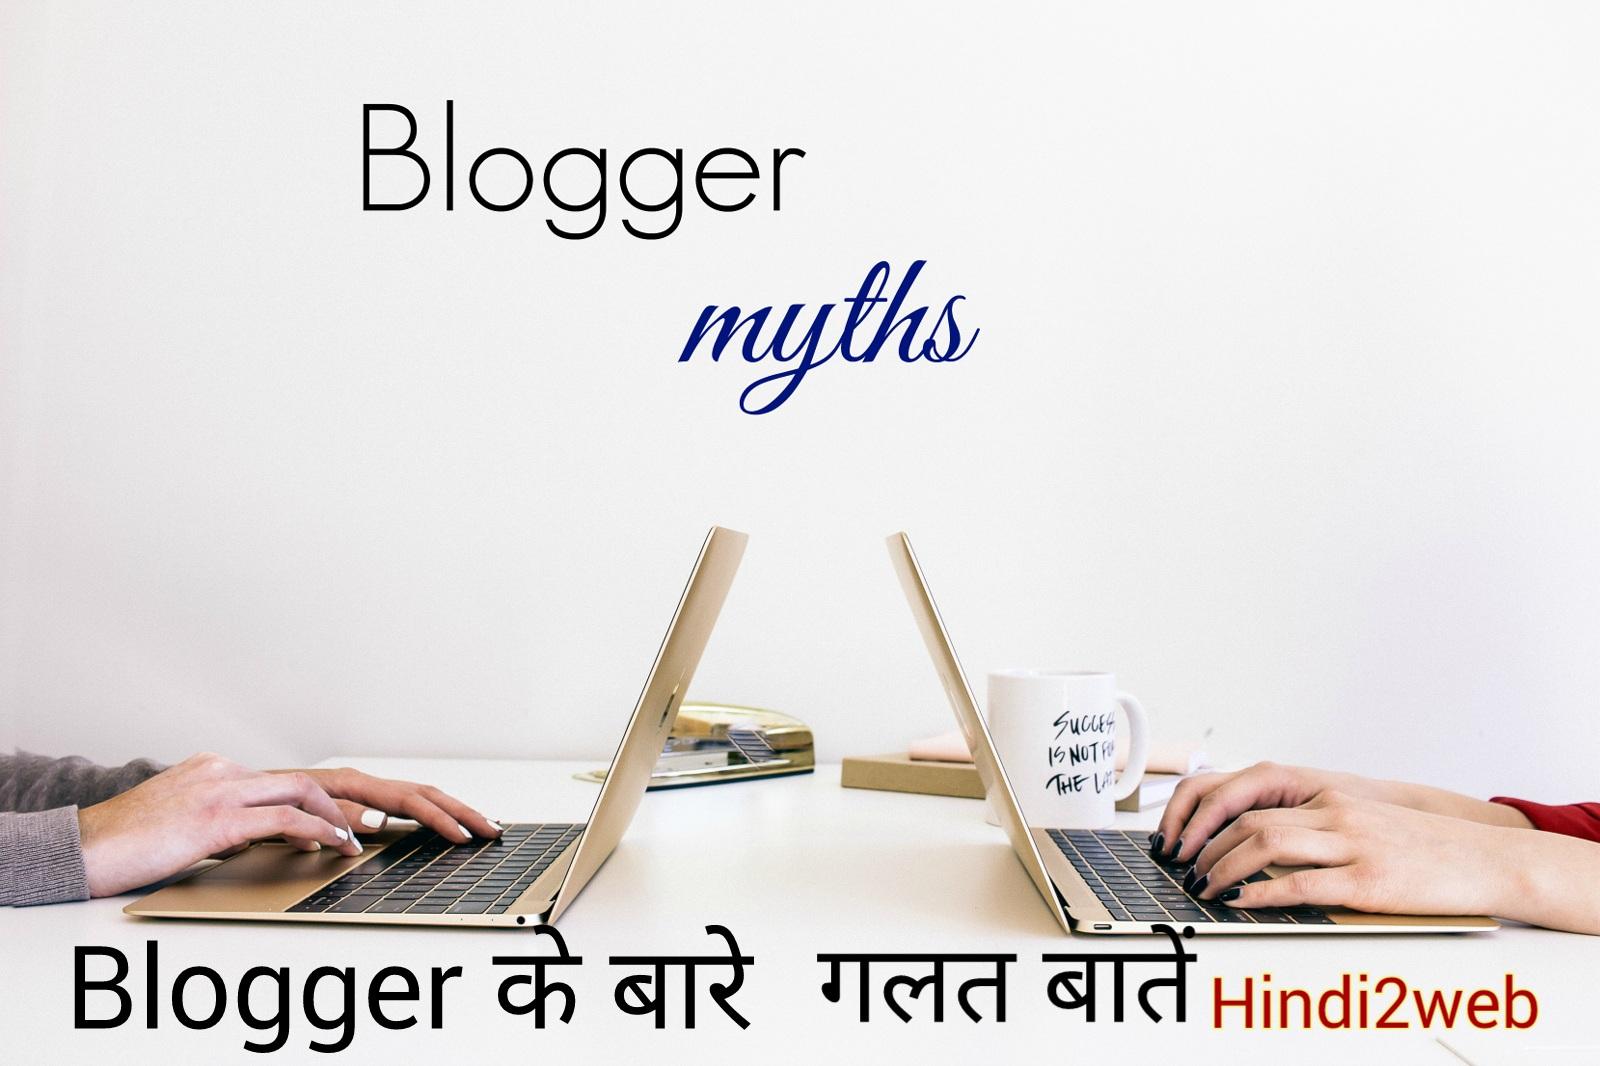 Blogger myth hindi